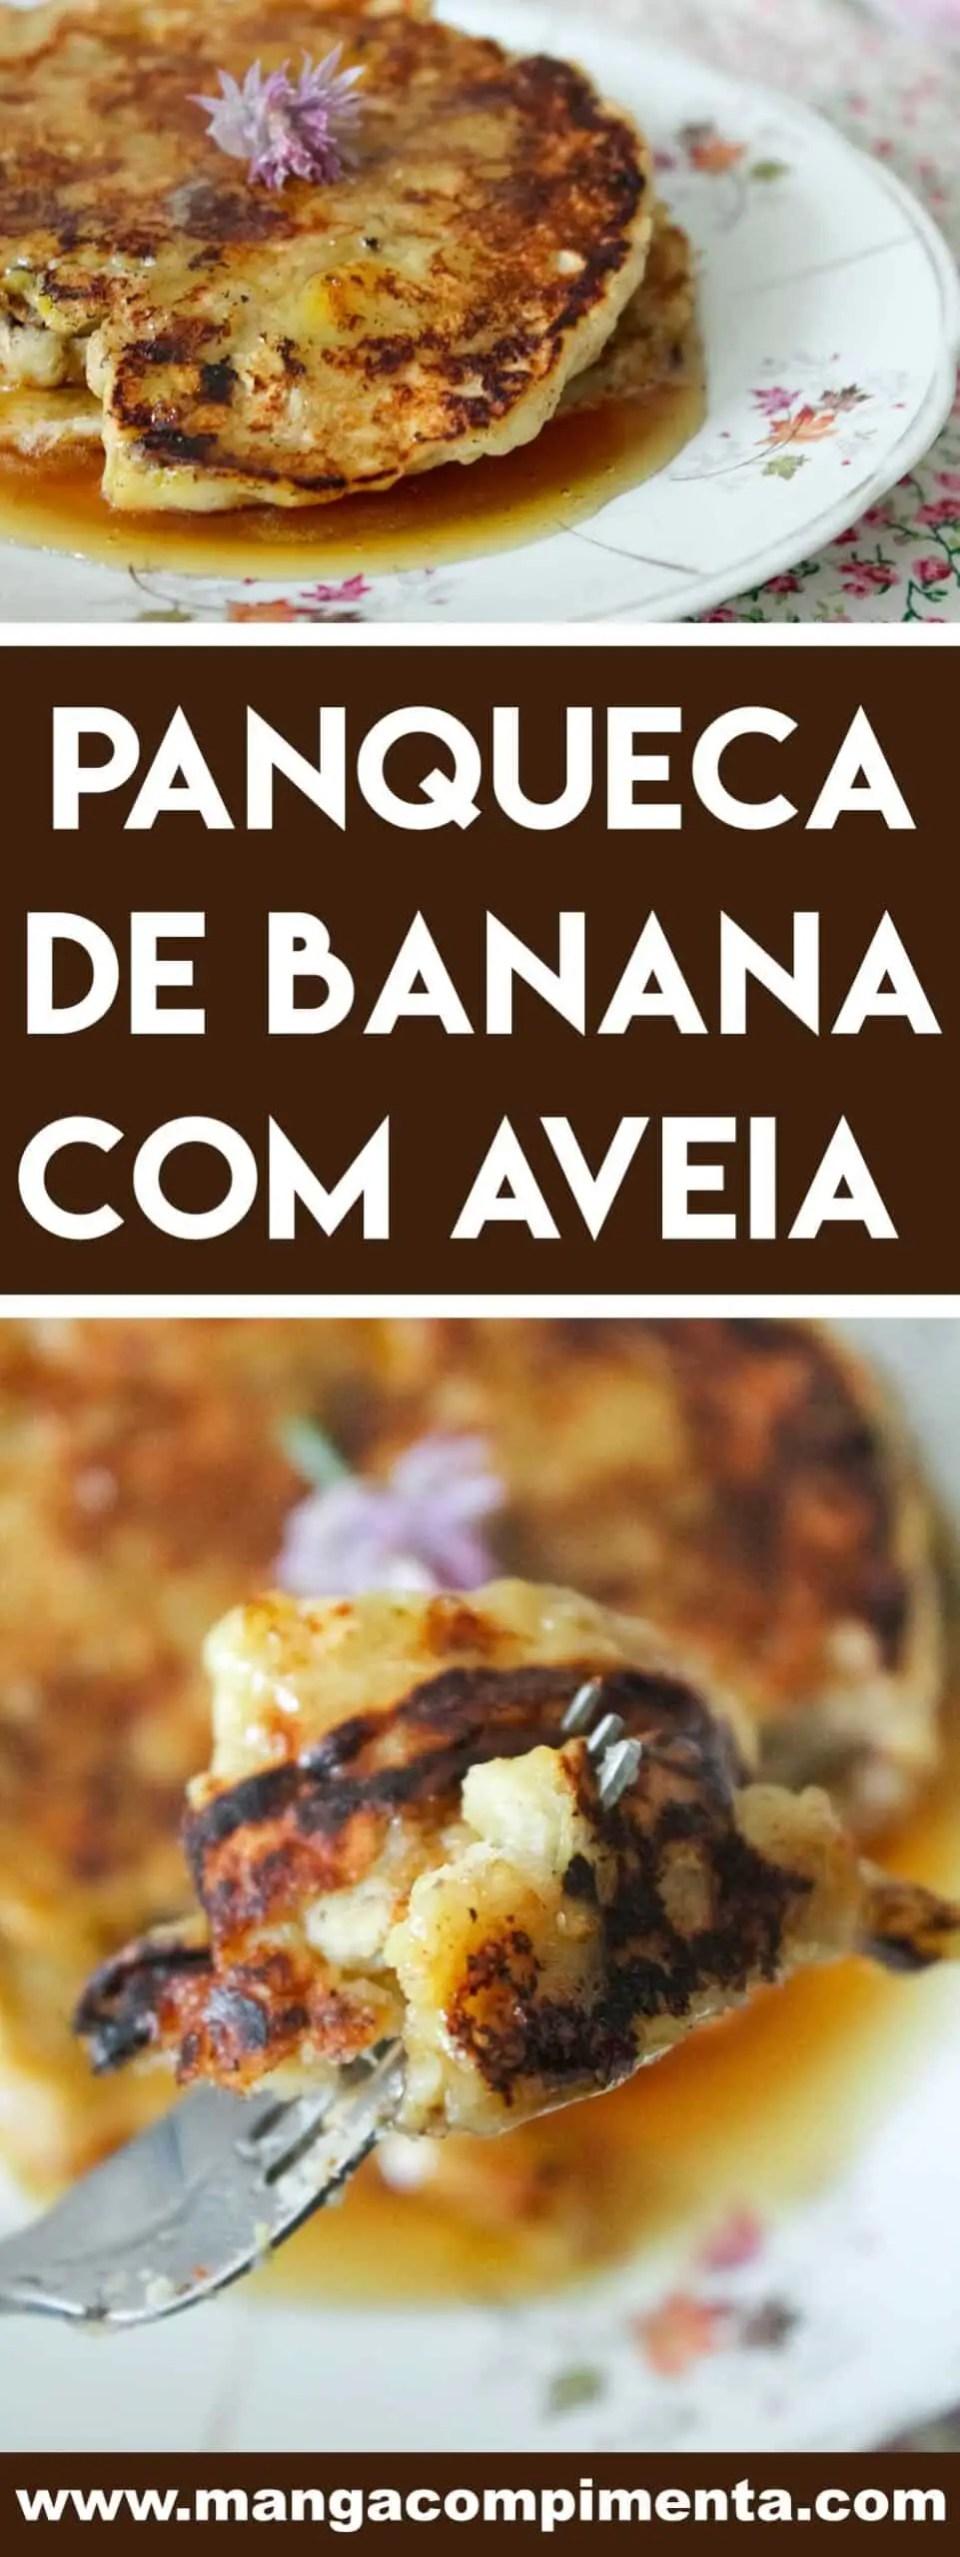 Receita de Panqueca de Banana com Aveia - um café da manhã nutritivo.